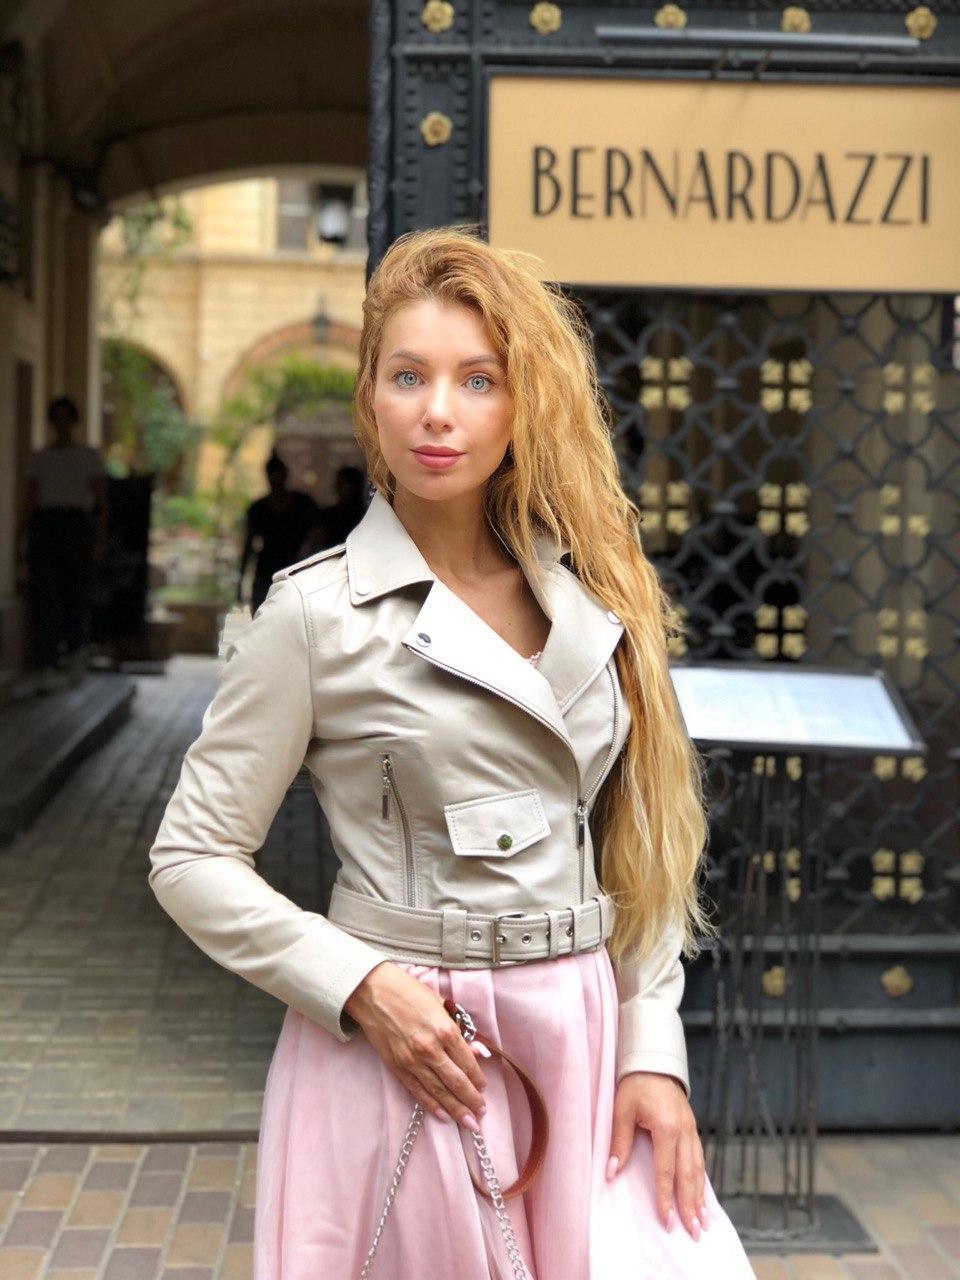 Жіноча шкіряна куртка Clifton, укорочена з поясом, 42 ( 42, 44, 46 ) бежевий, шкіра 93